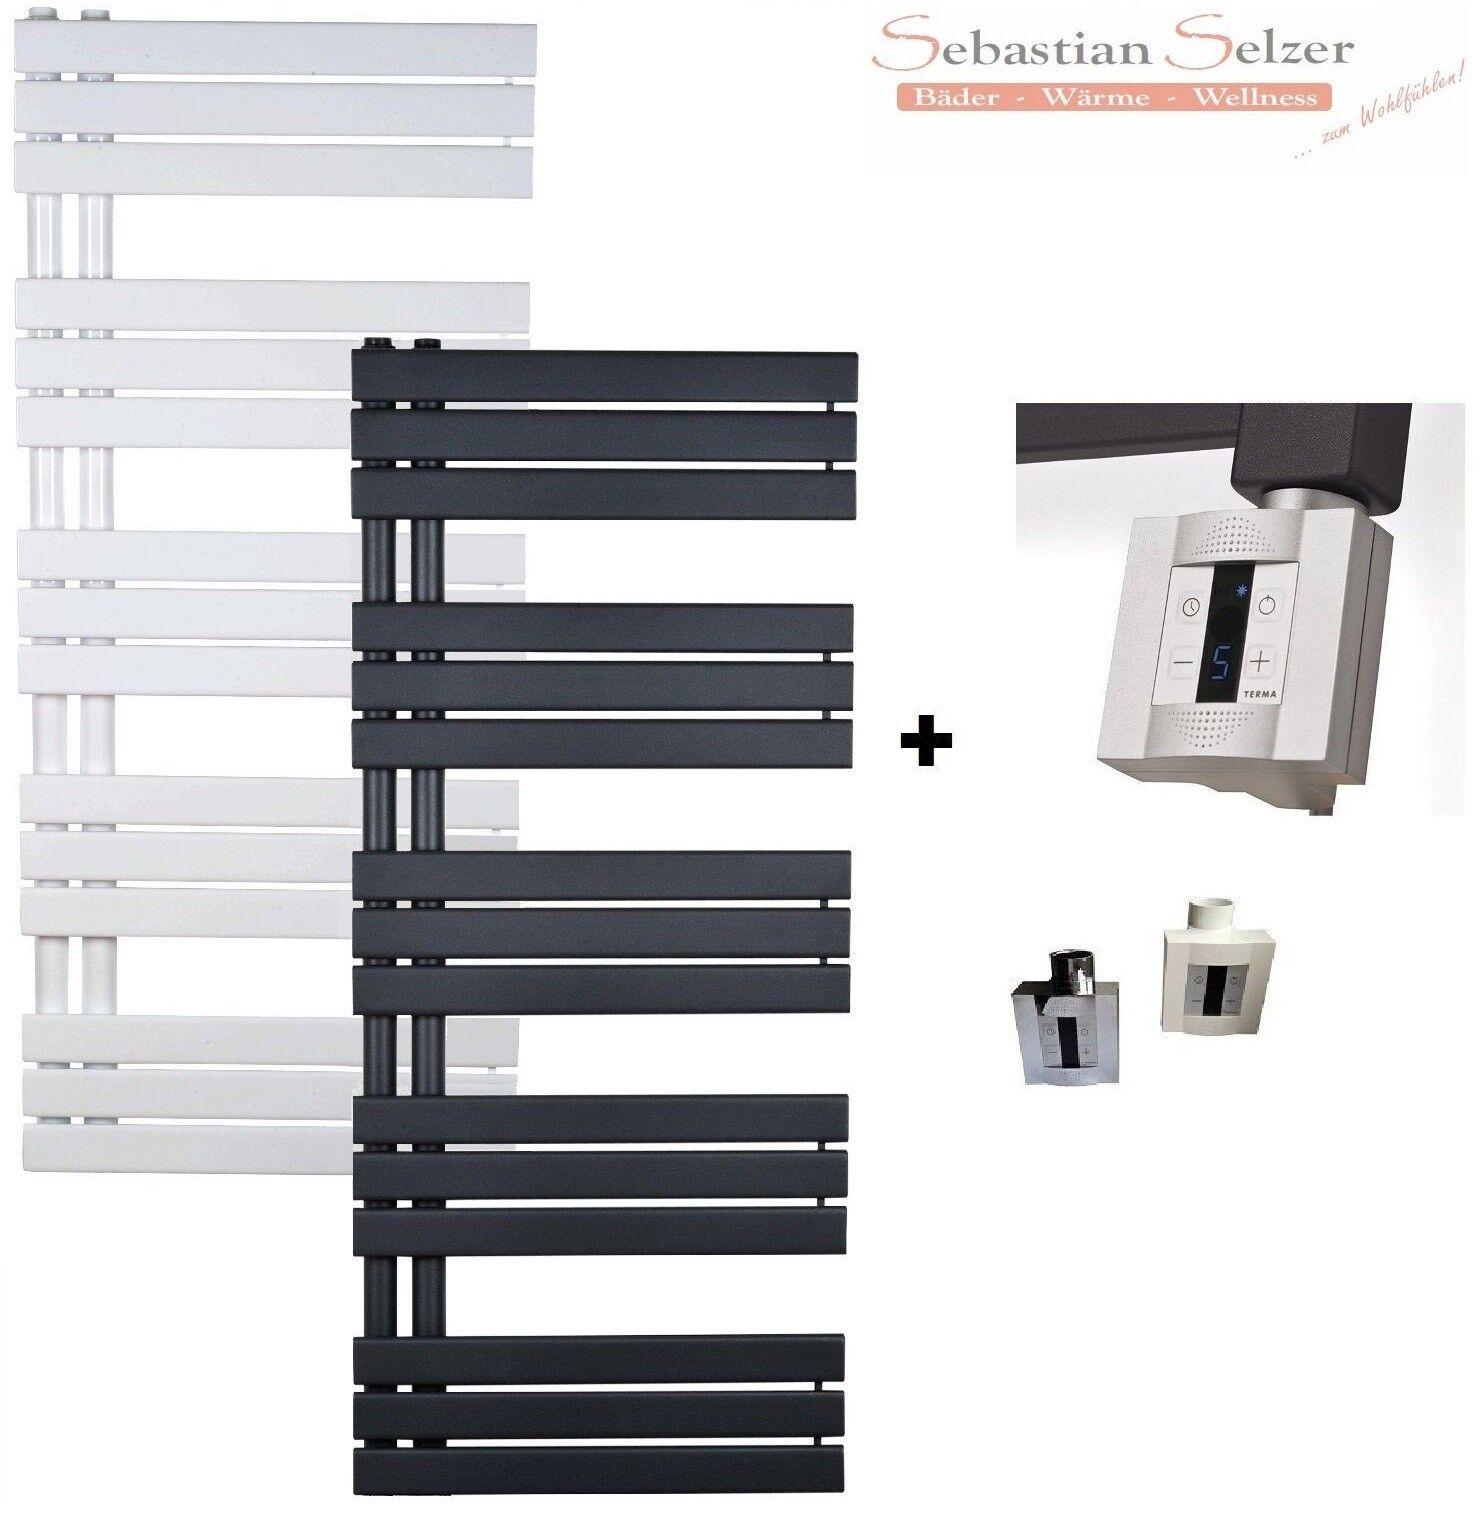 Handtuchheizkorper Elektrisch Test Vergleich Handtuchheizkorper